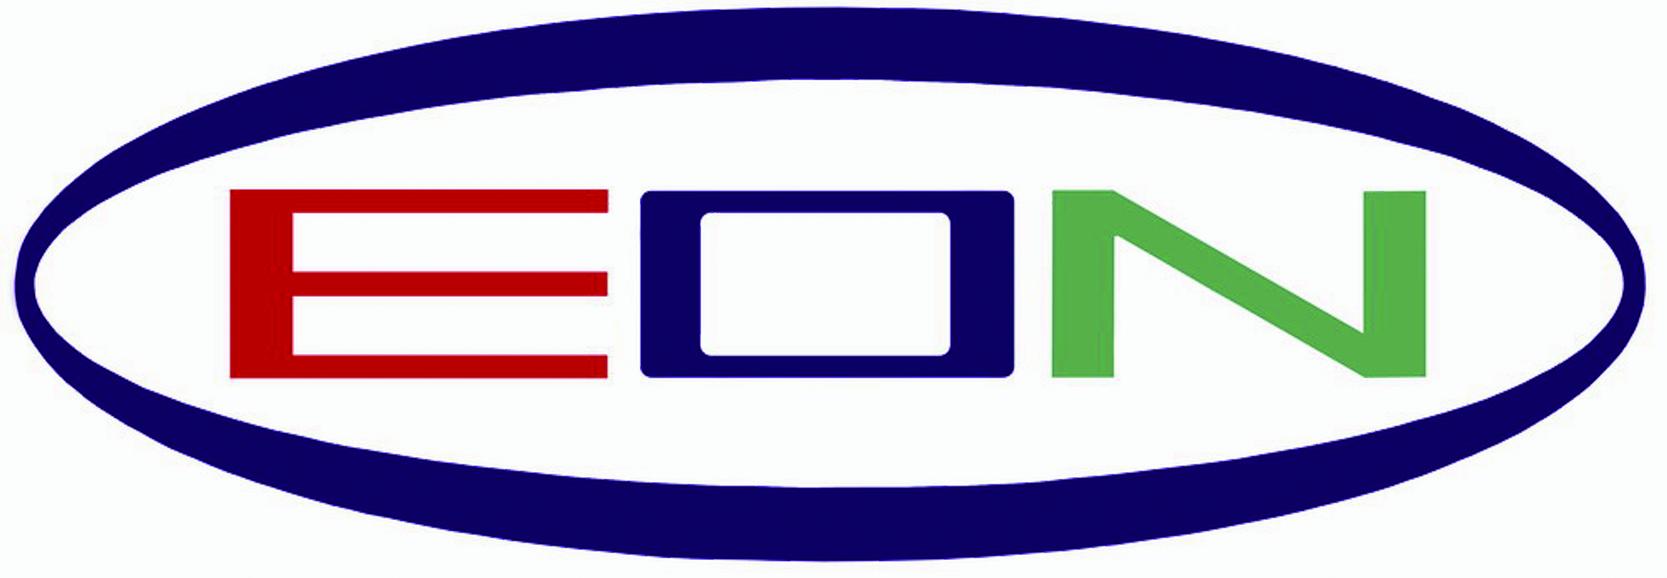 东莞宜安科技股份有限公司